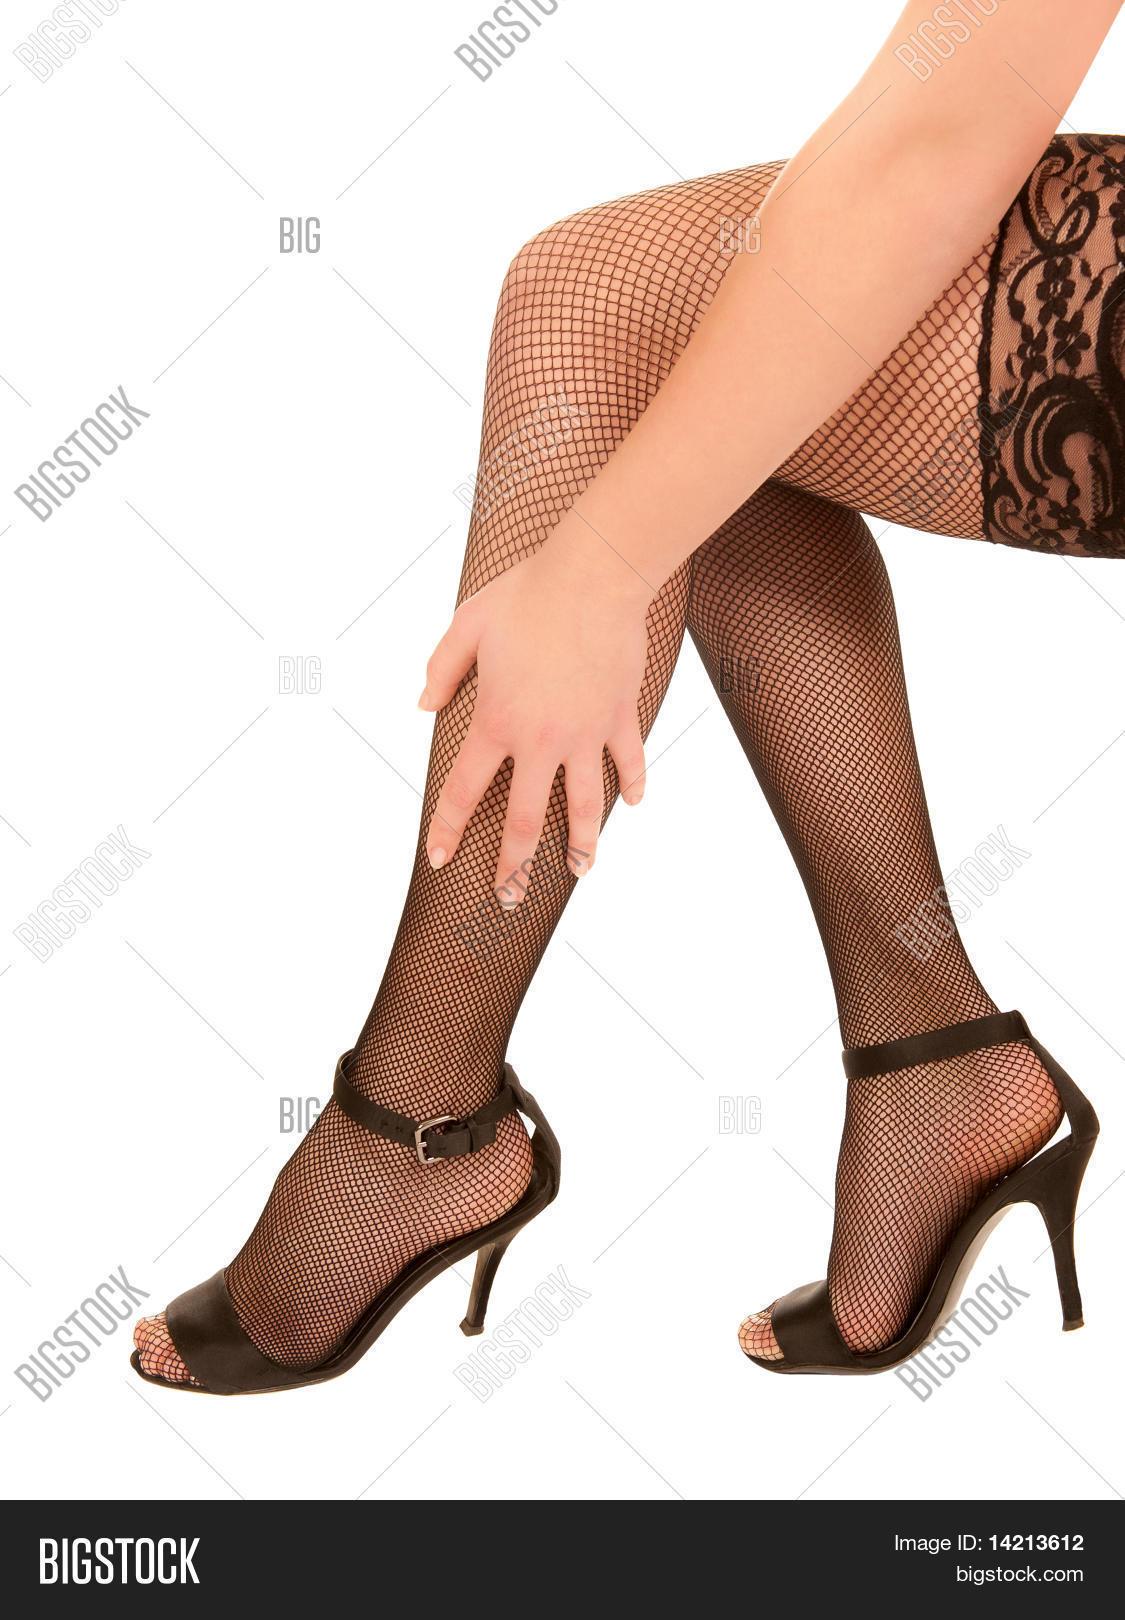 7519cd4823 Piernas de una mujer Sexy en medias negras y zapatos de tacón altos